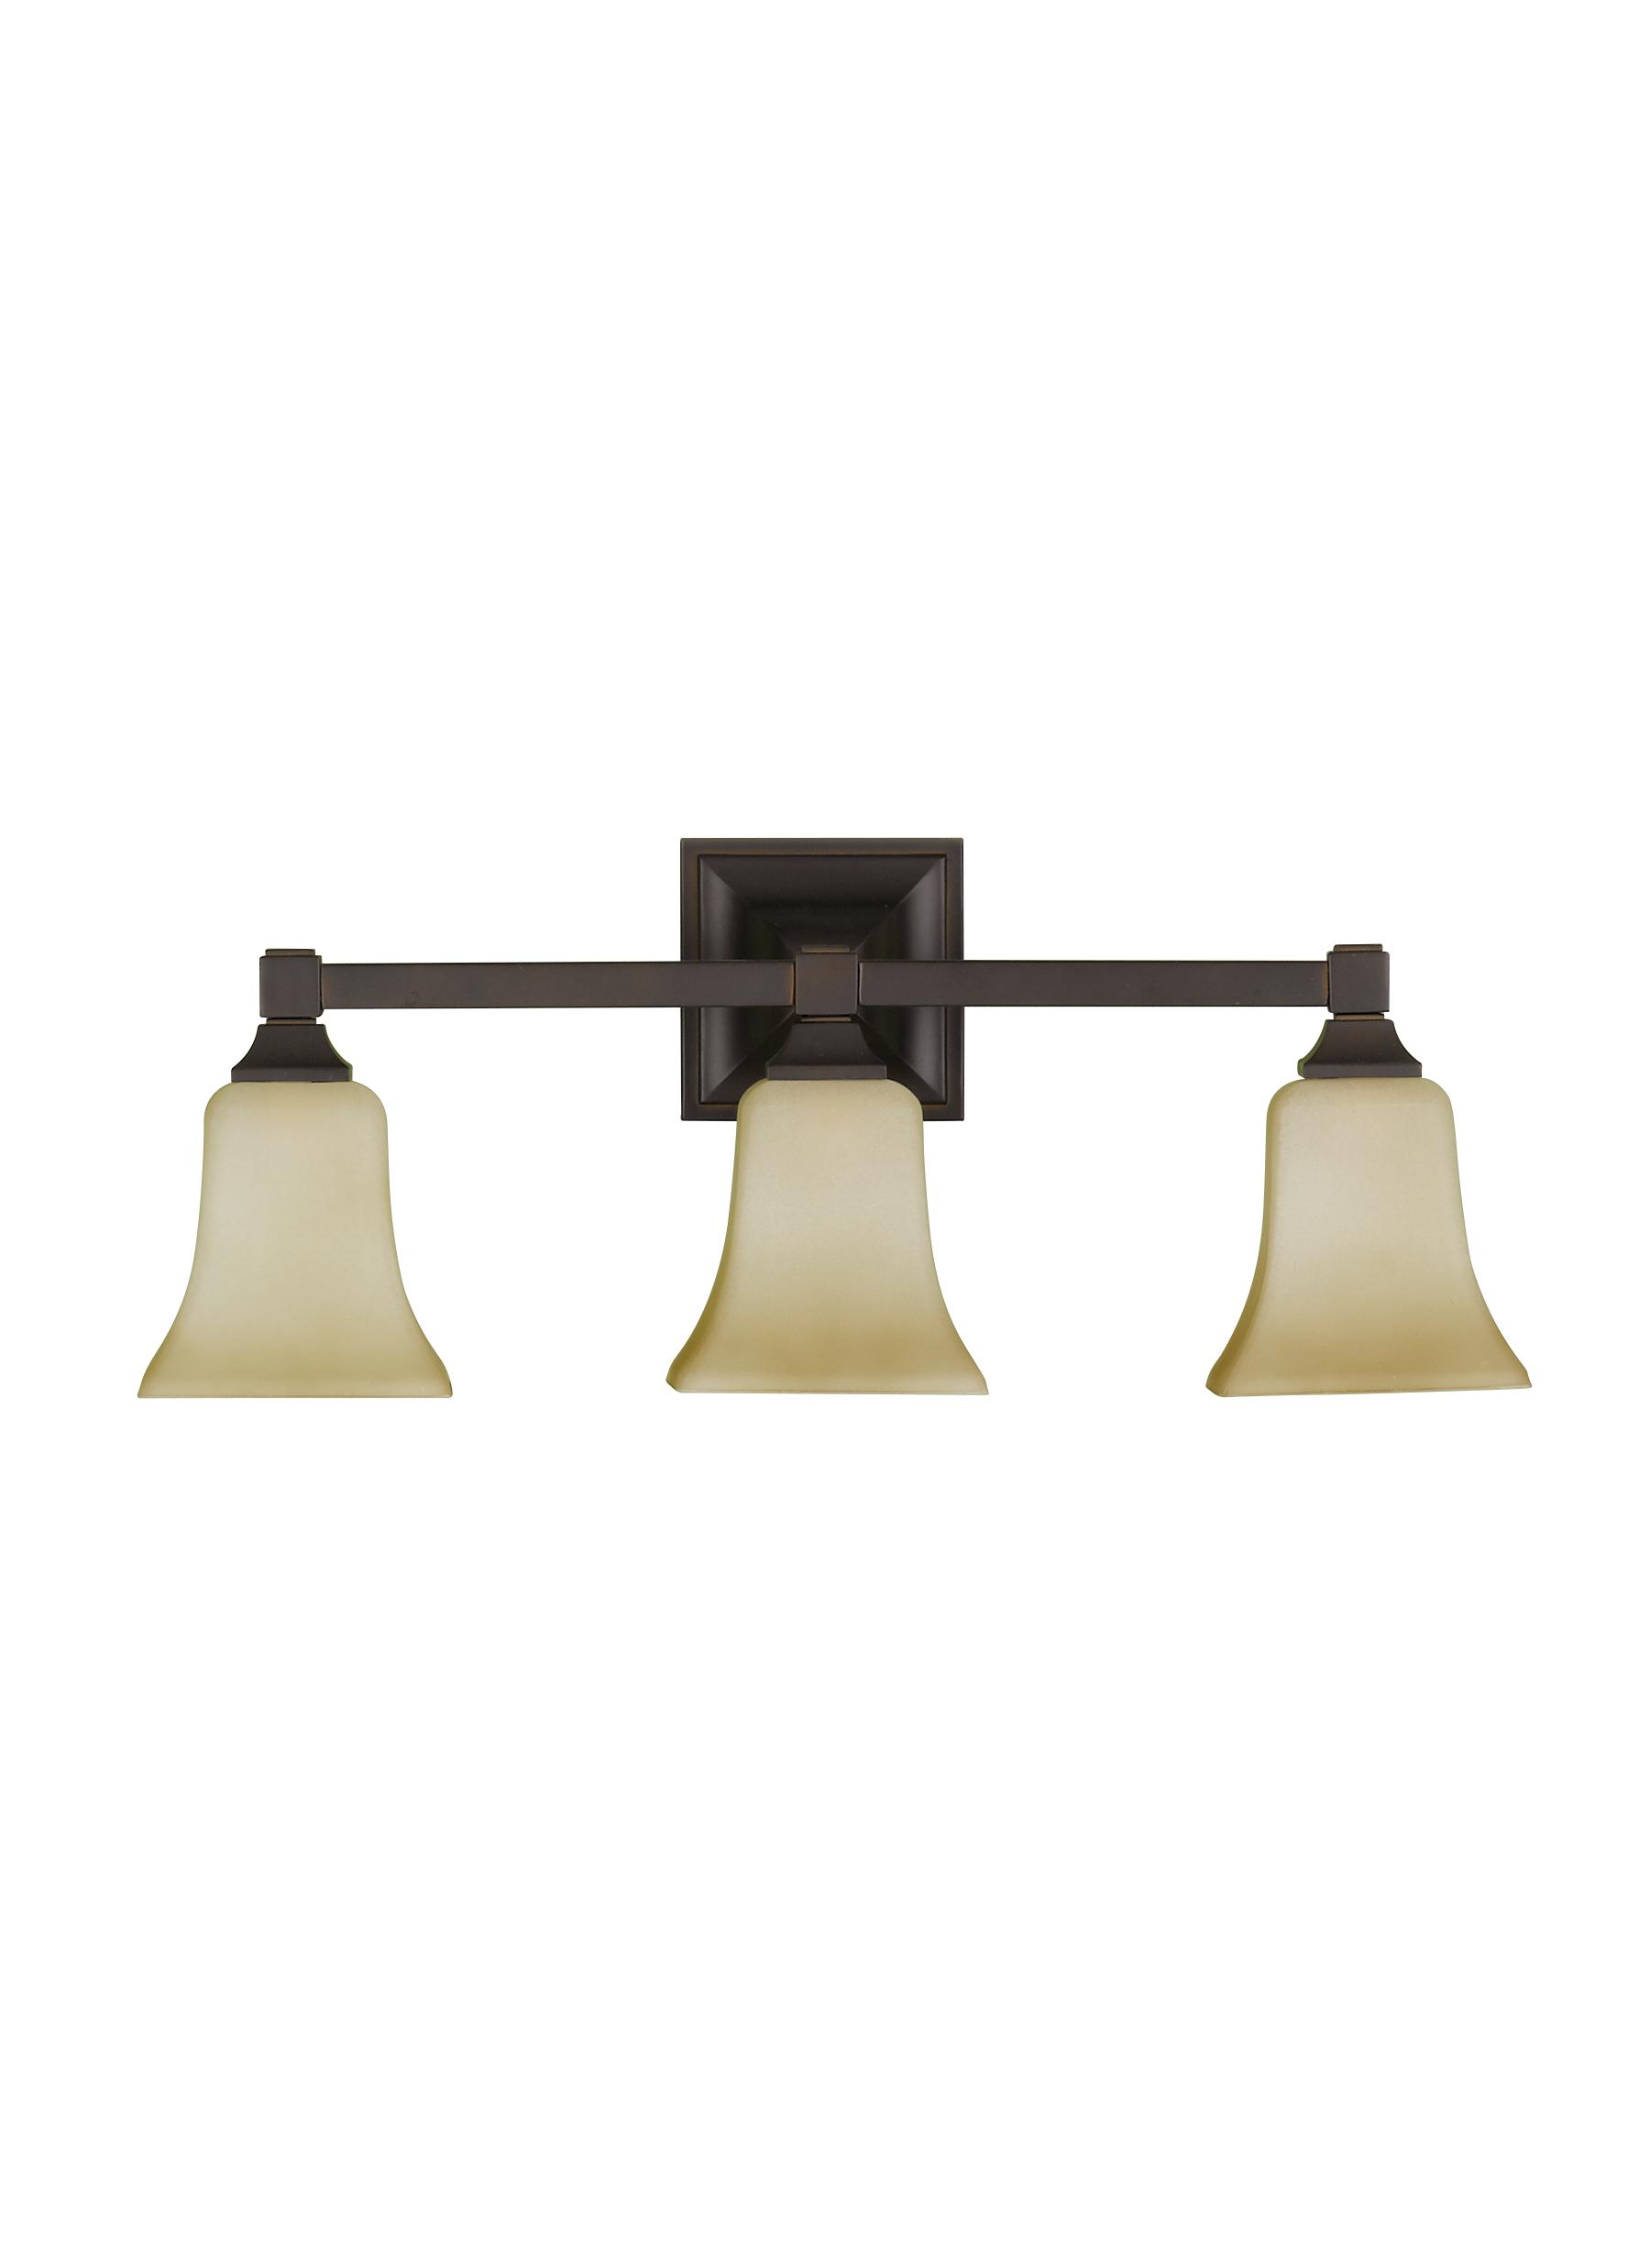 VS12403ORB3 Light Vanity FixtureOil Rubbed Bronze – 3 Light Bathroom Fixture